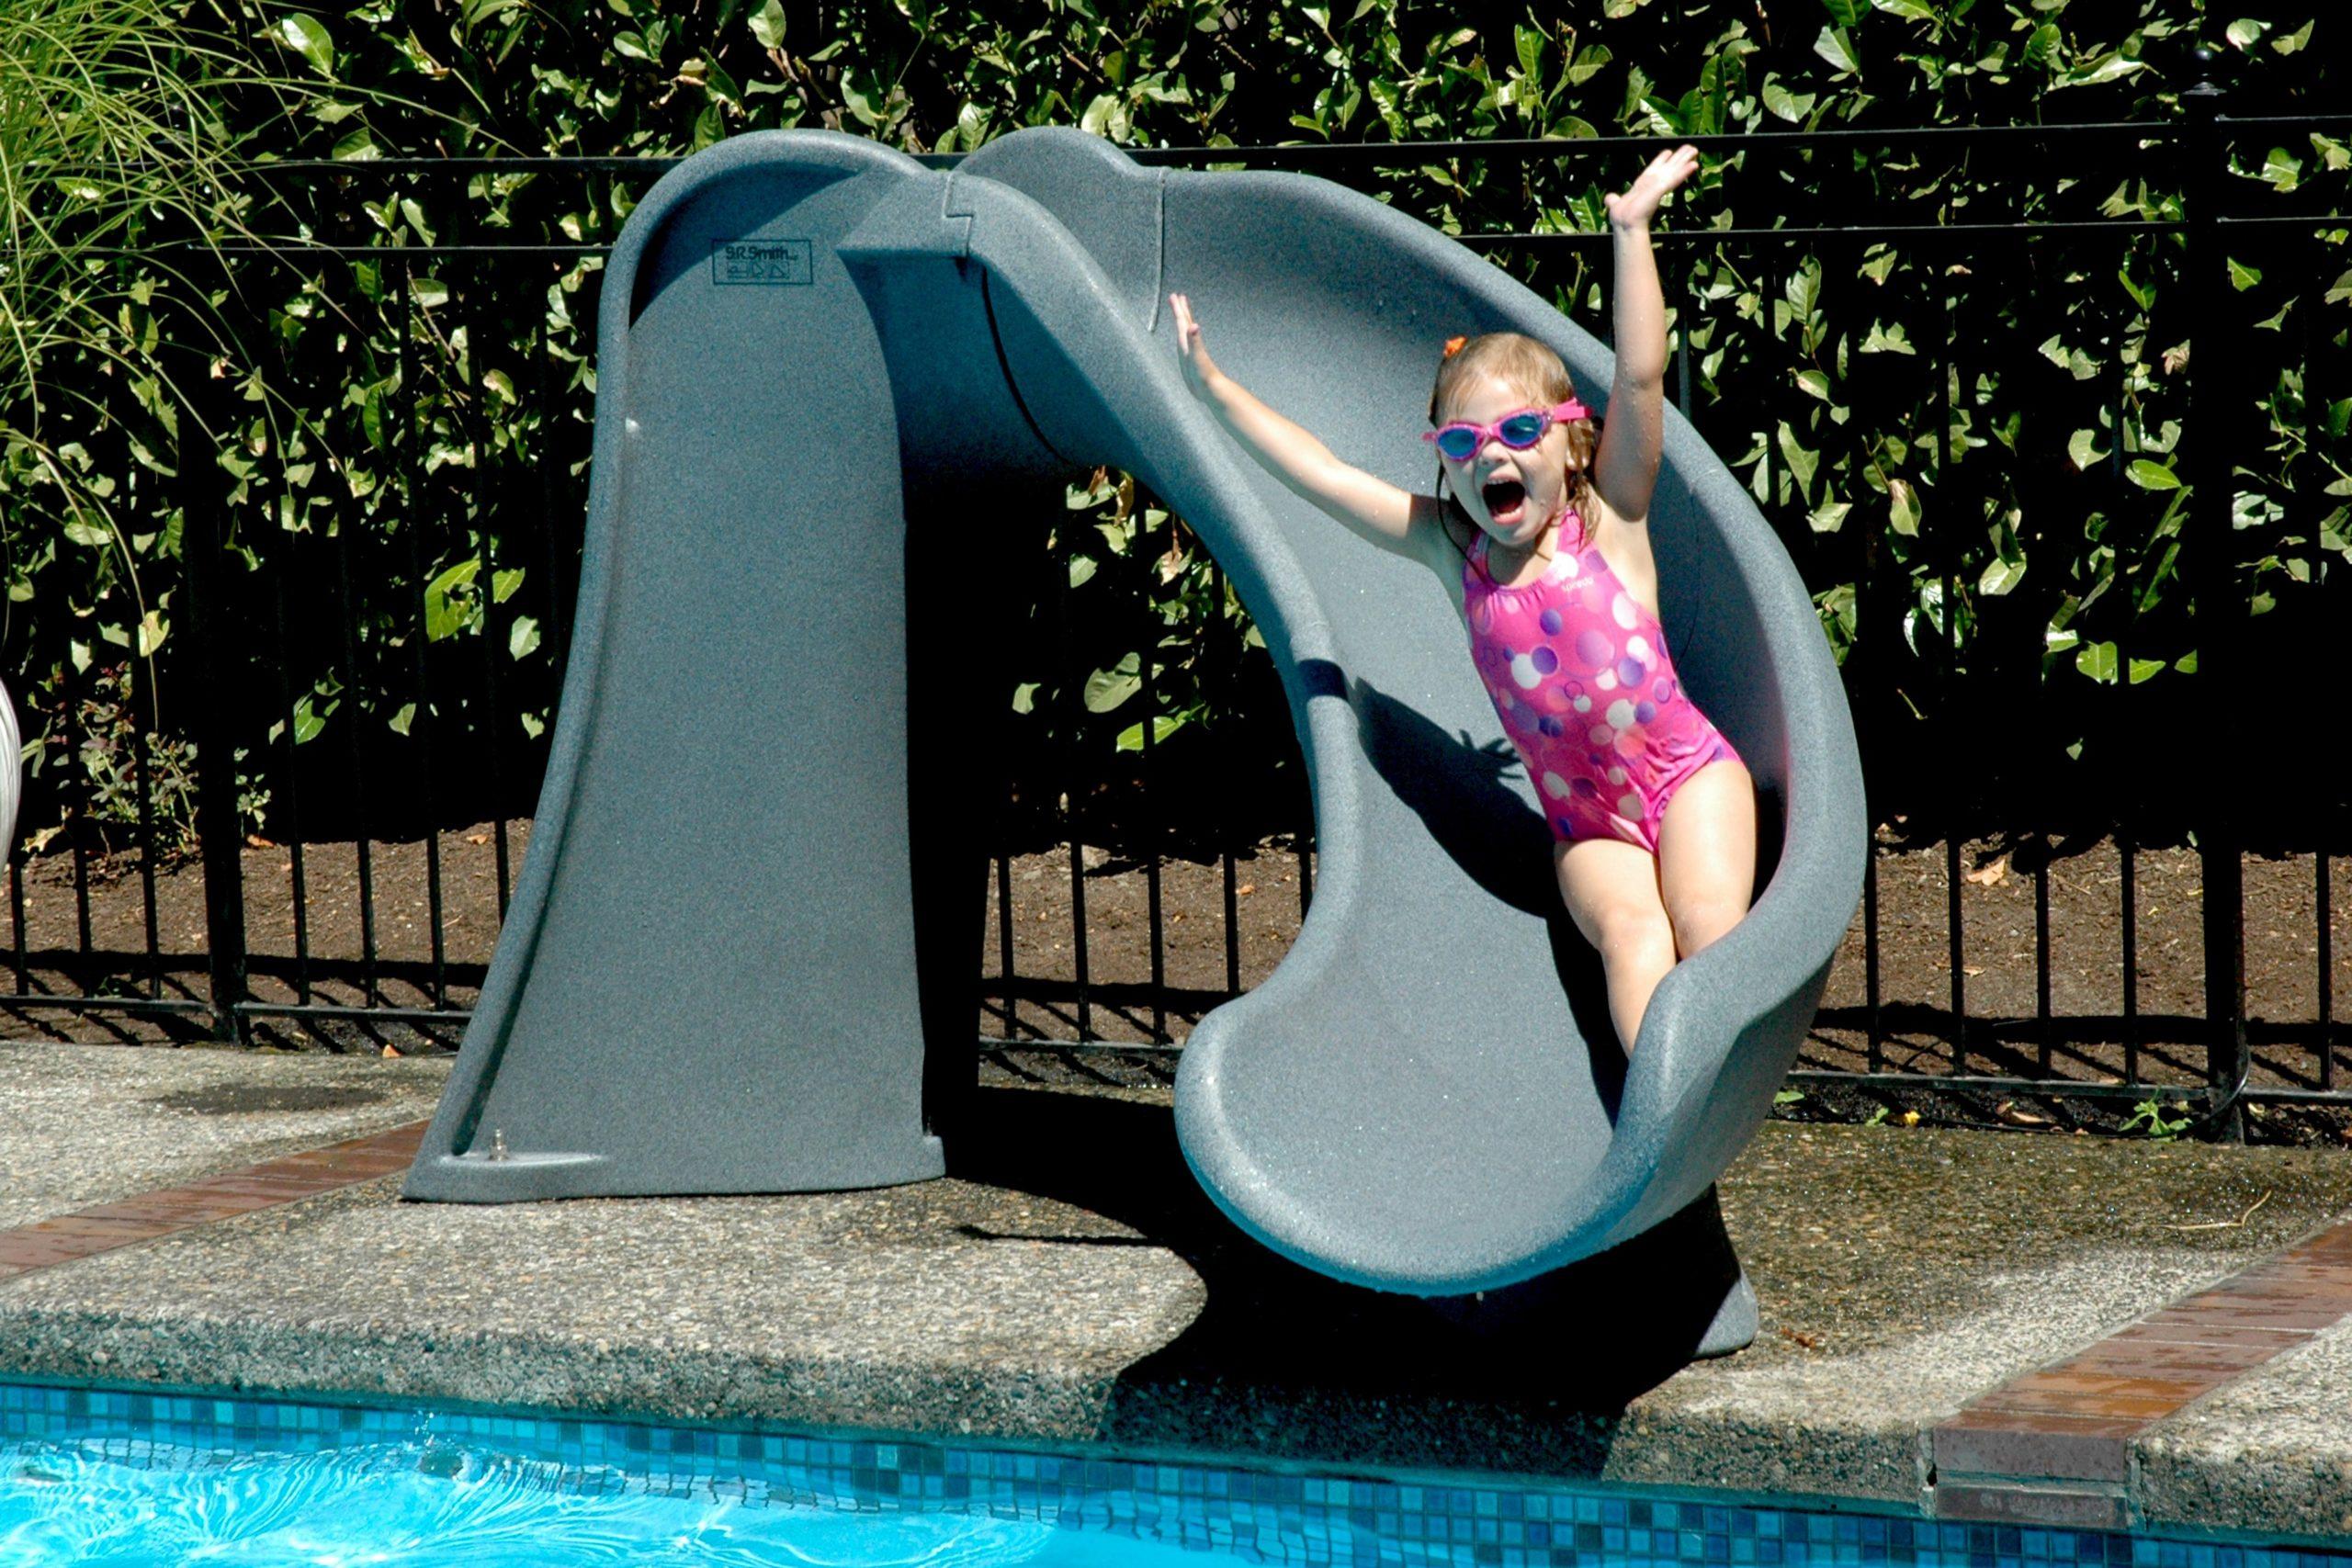 Развлекательное оборудование делает отдых у бассейна разнообразным и веселым